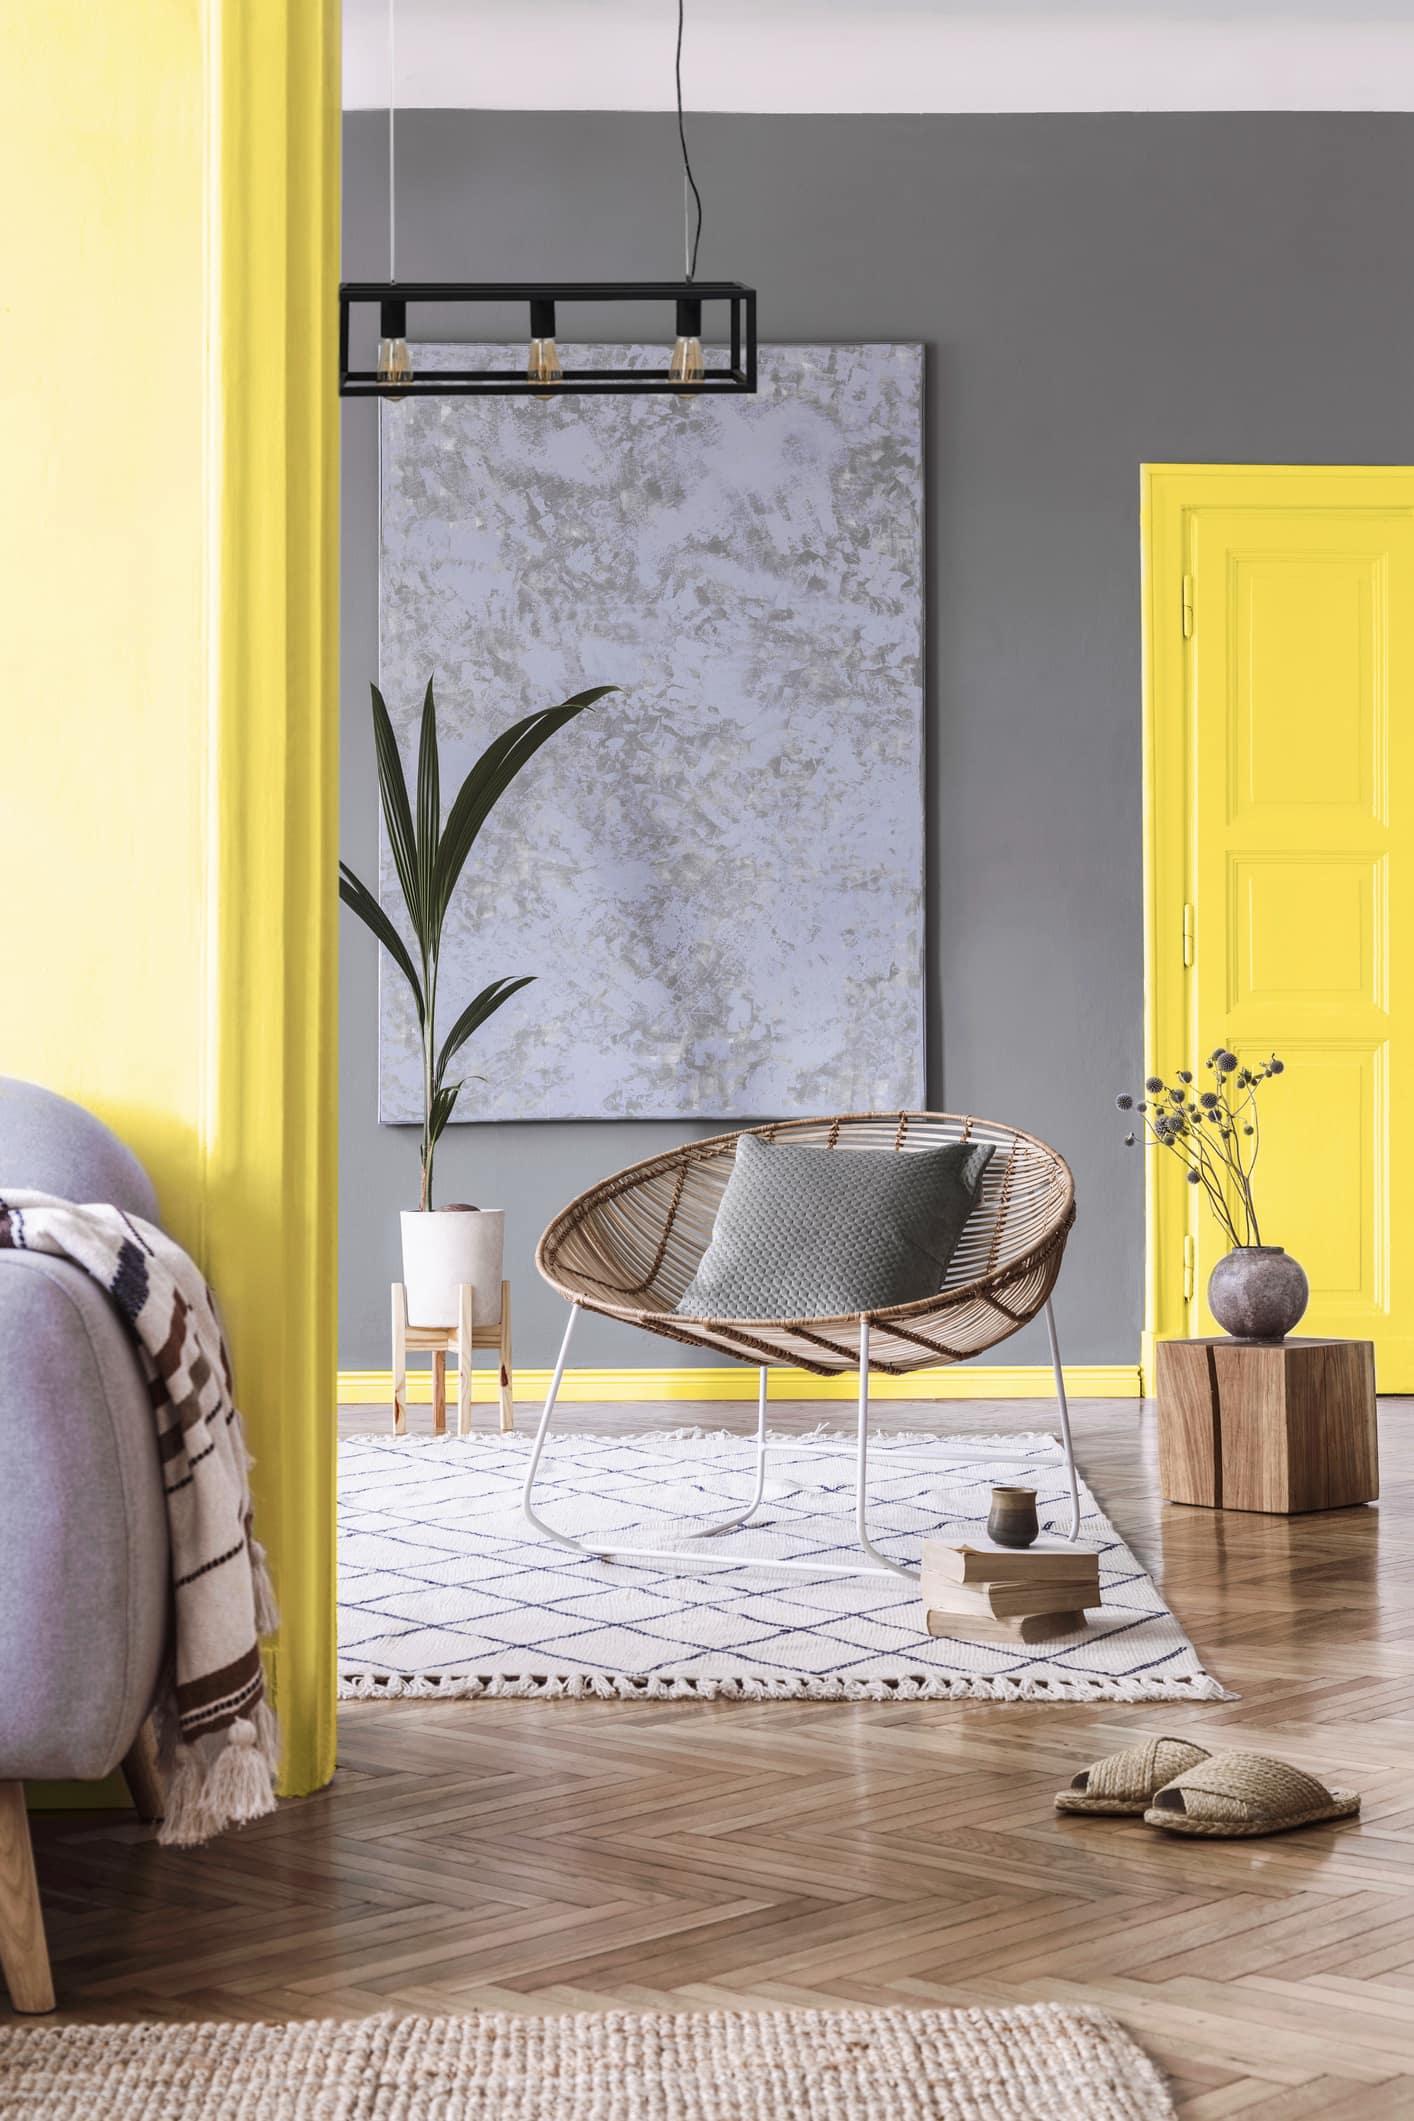 ışık tertibatları, gri duvarlar, sarı kapı ve yatak odası, rattan sandalyeli berber tarzı halı